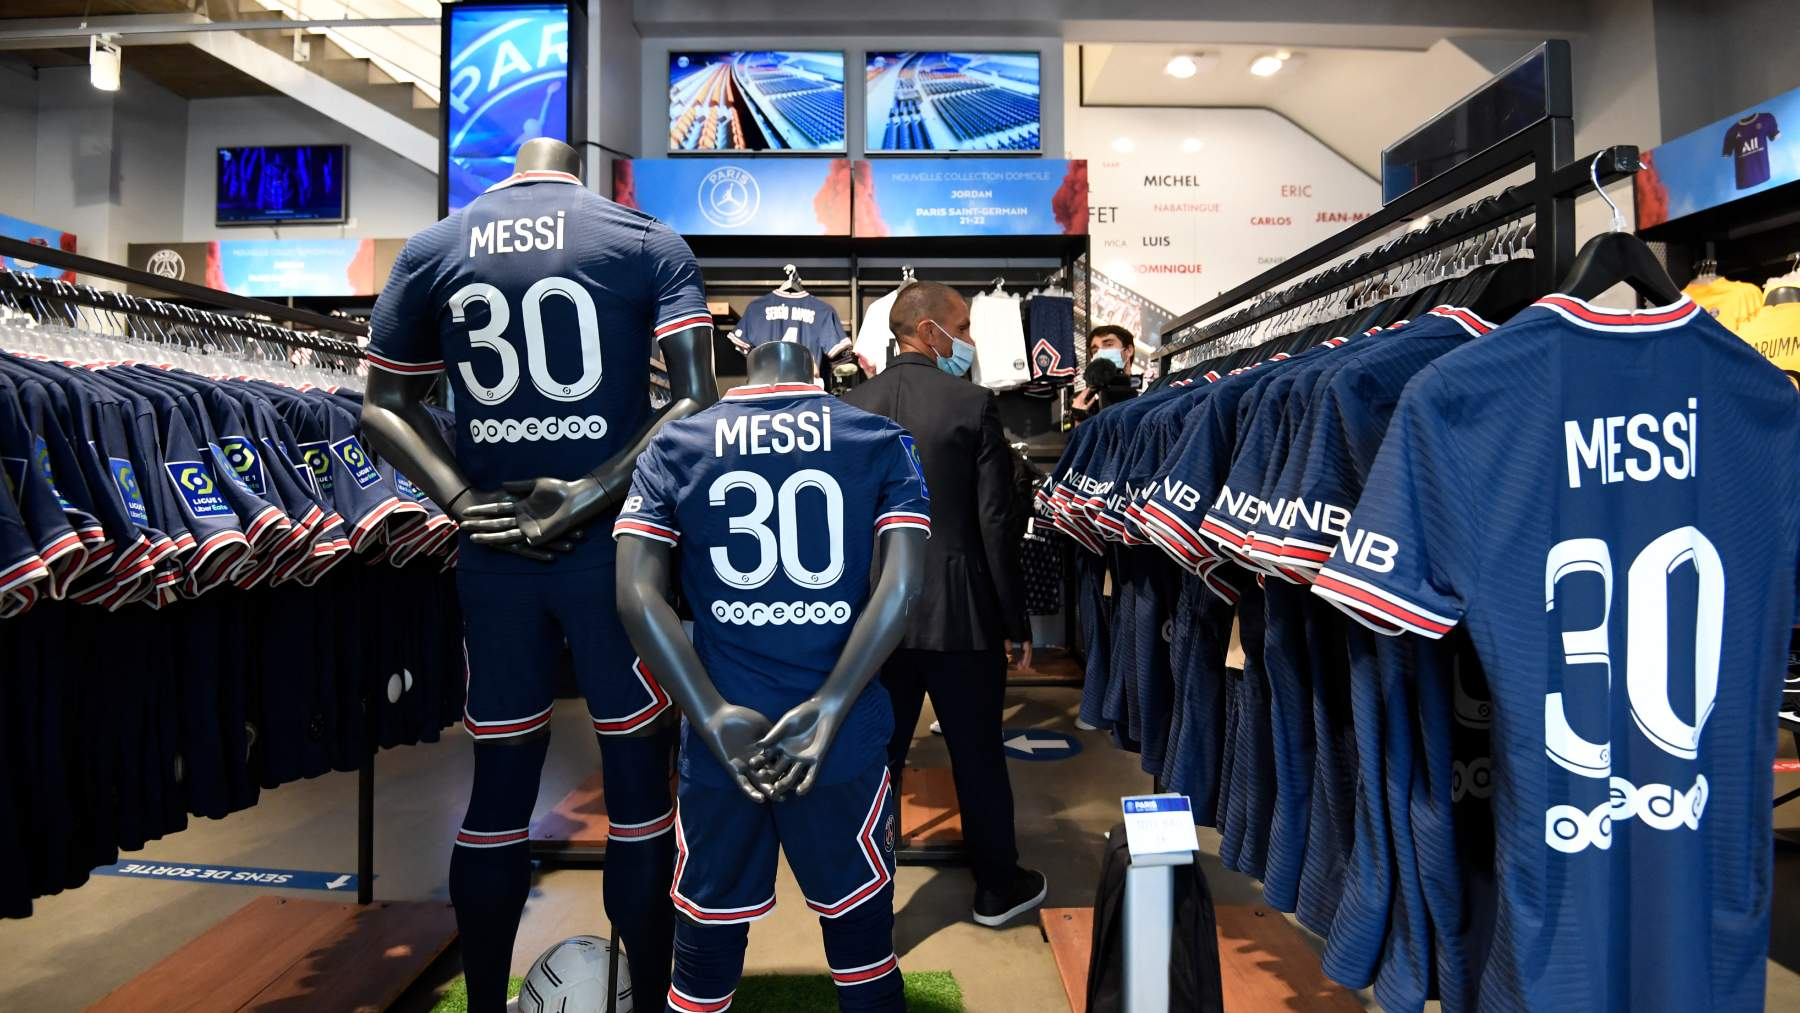 La camiseta de Messi con el 30, en la tienda oficial del PSG. (AFP)